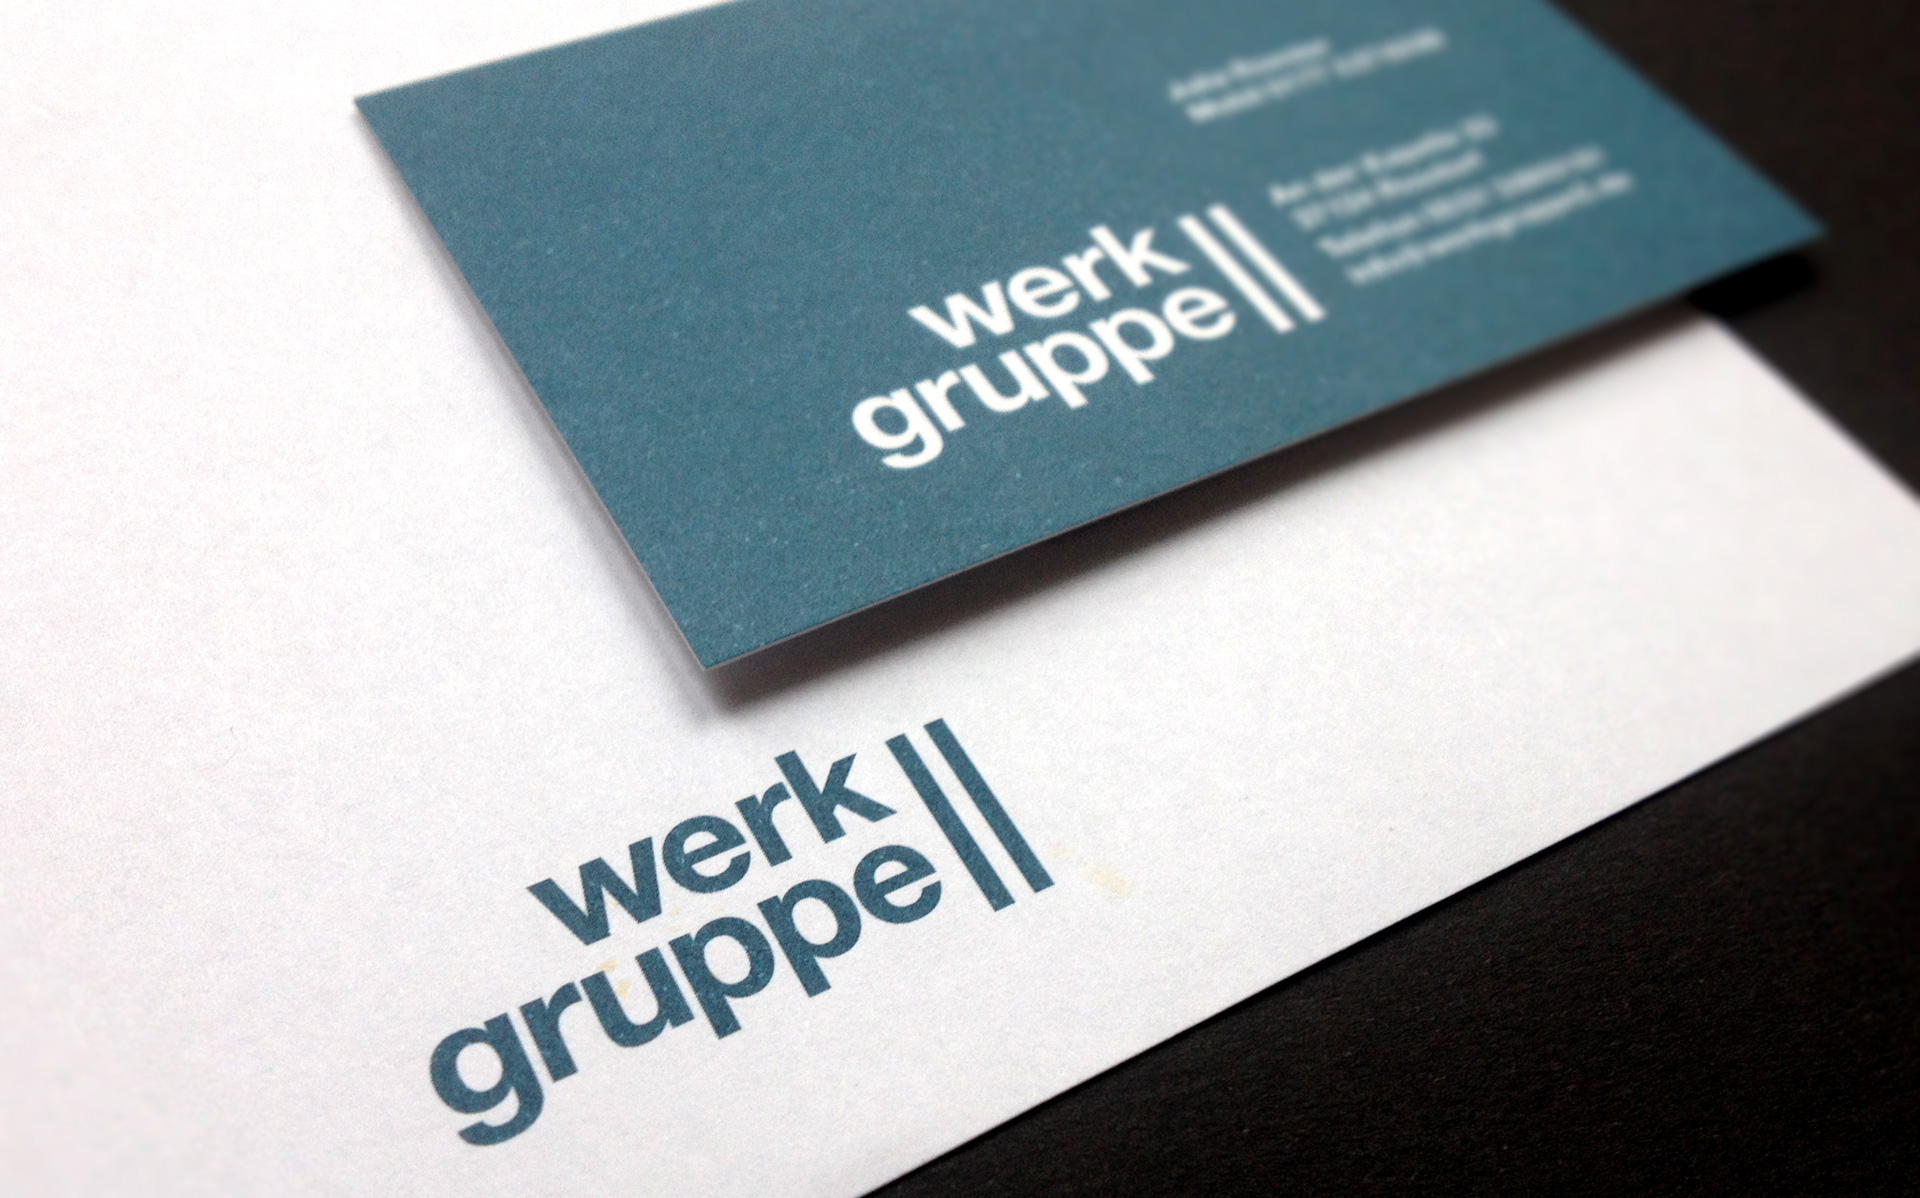 werkgruppe2 Göttingen, Geschäftspapiere